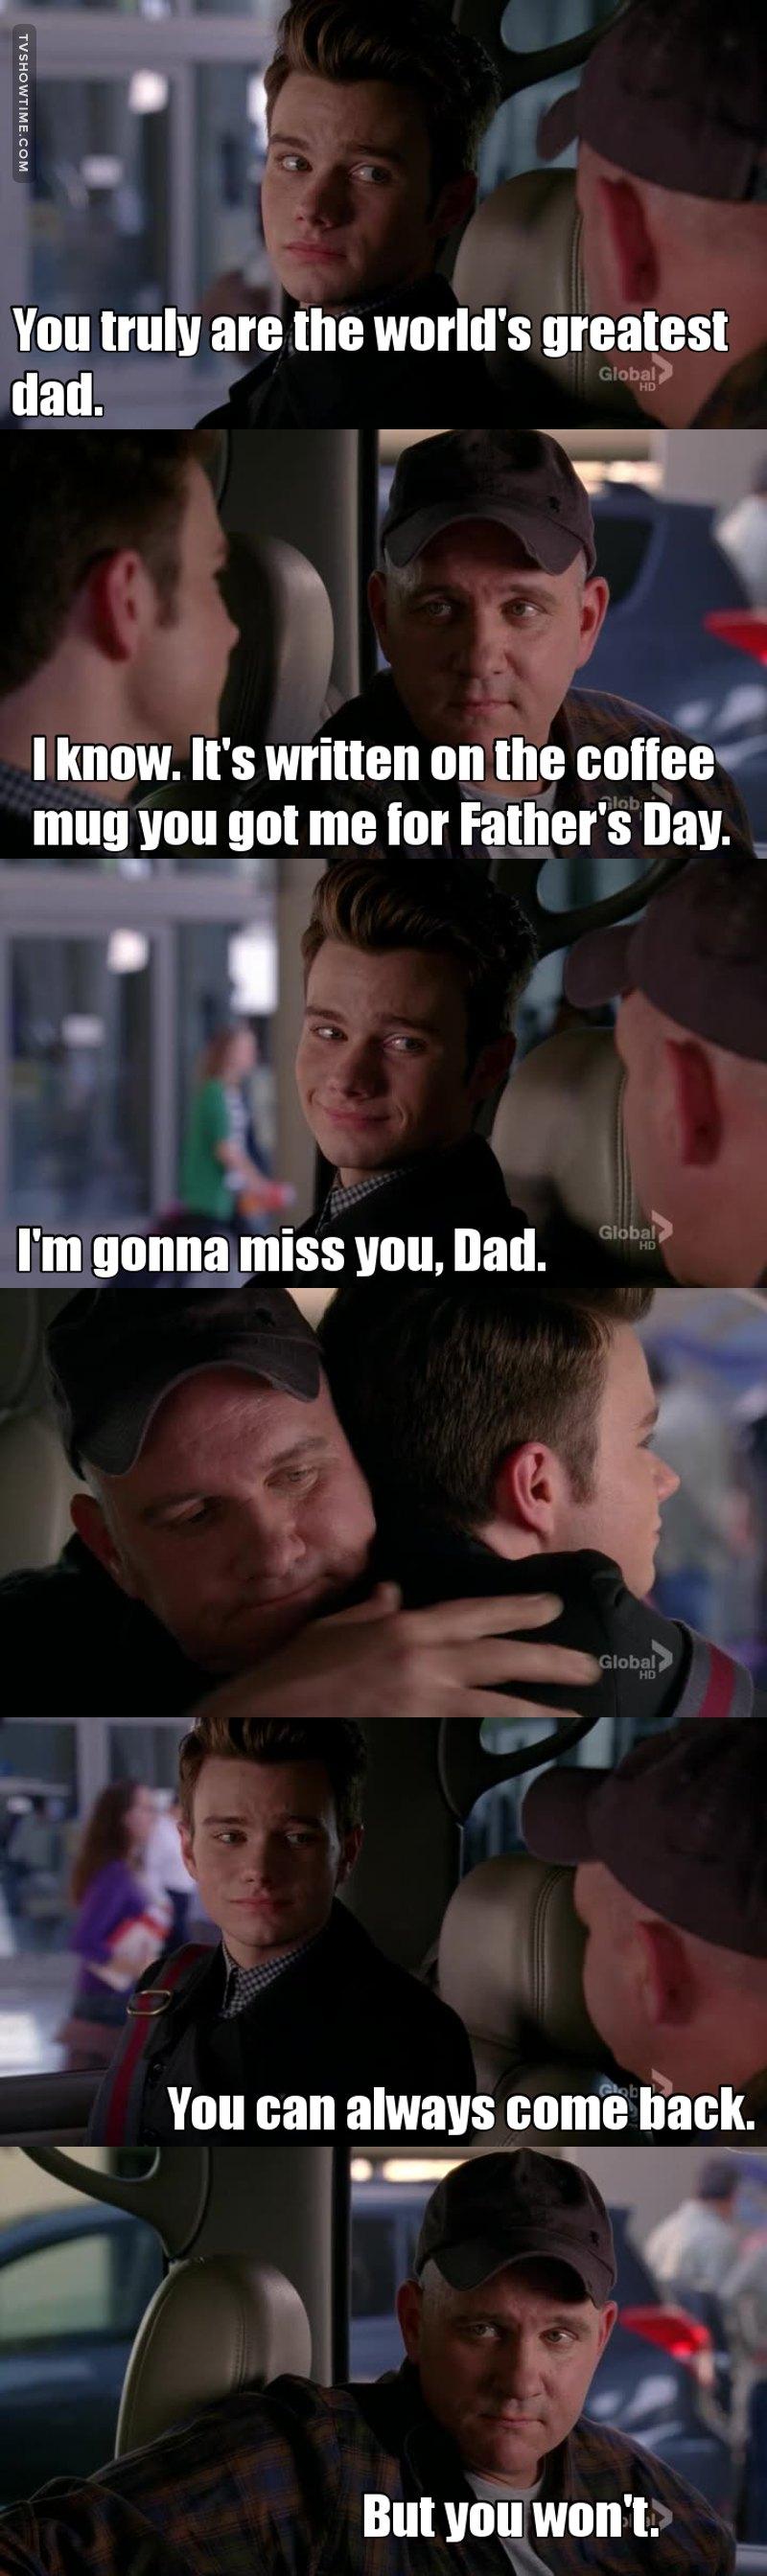 I cried 😢😢😢